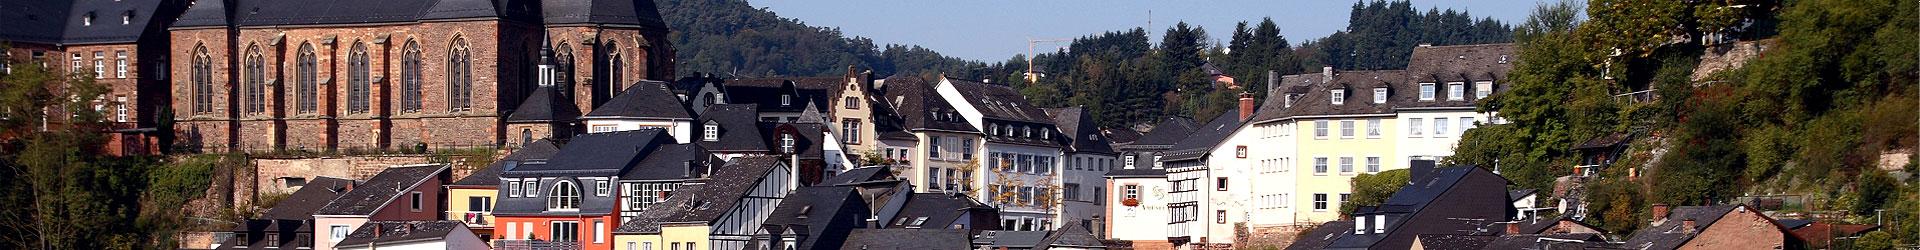 Headerbild-Saarburg